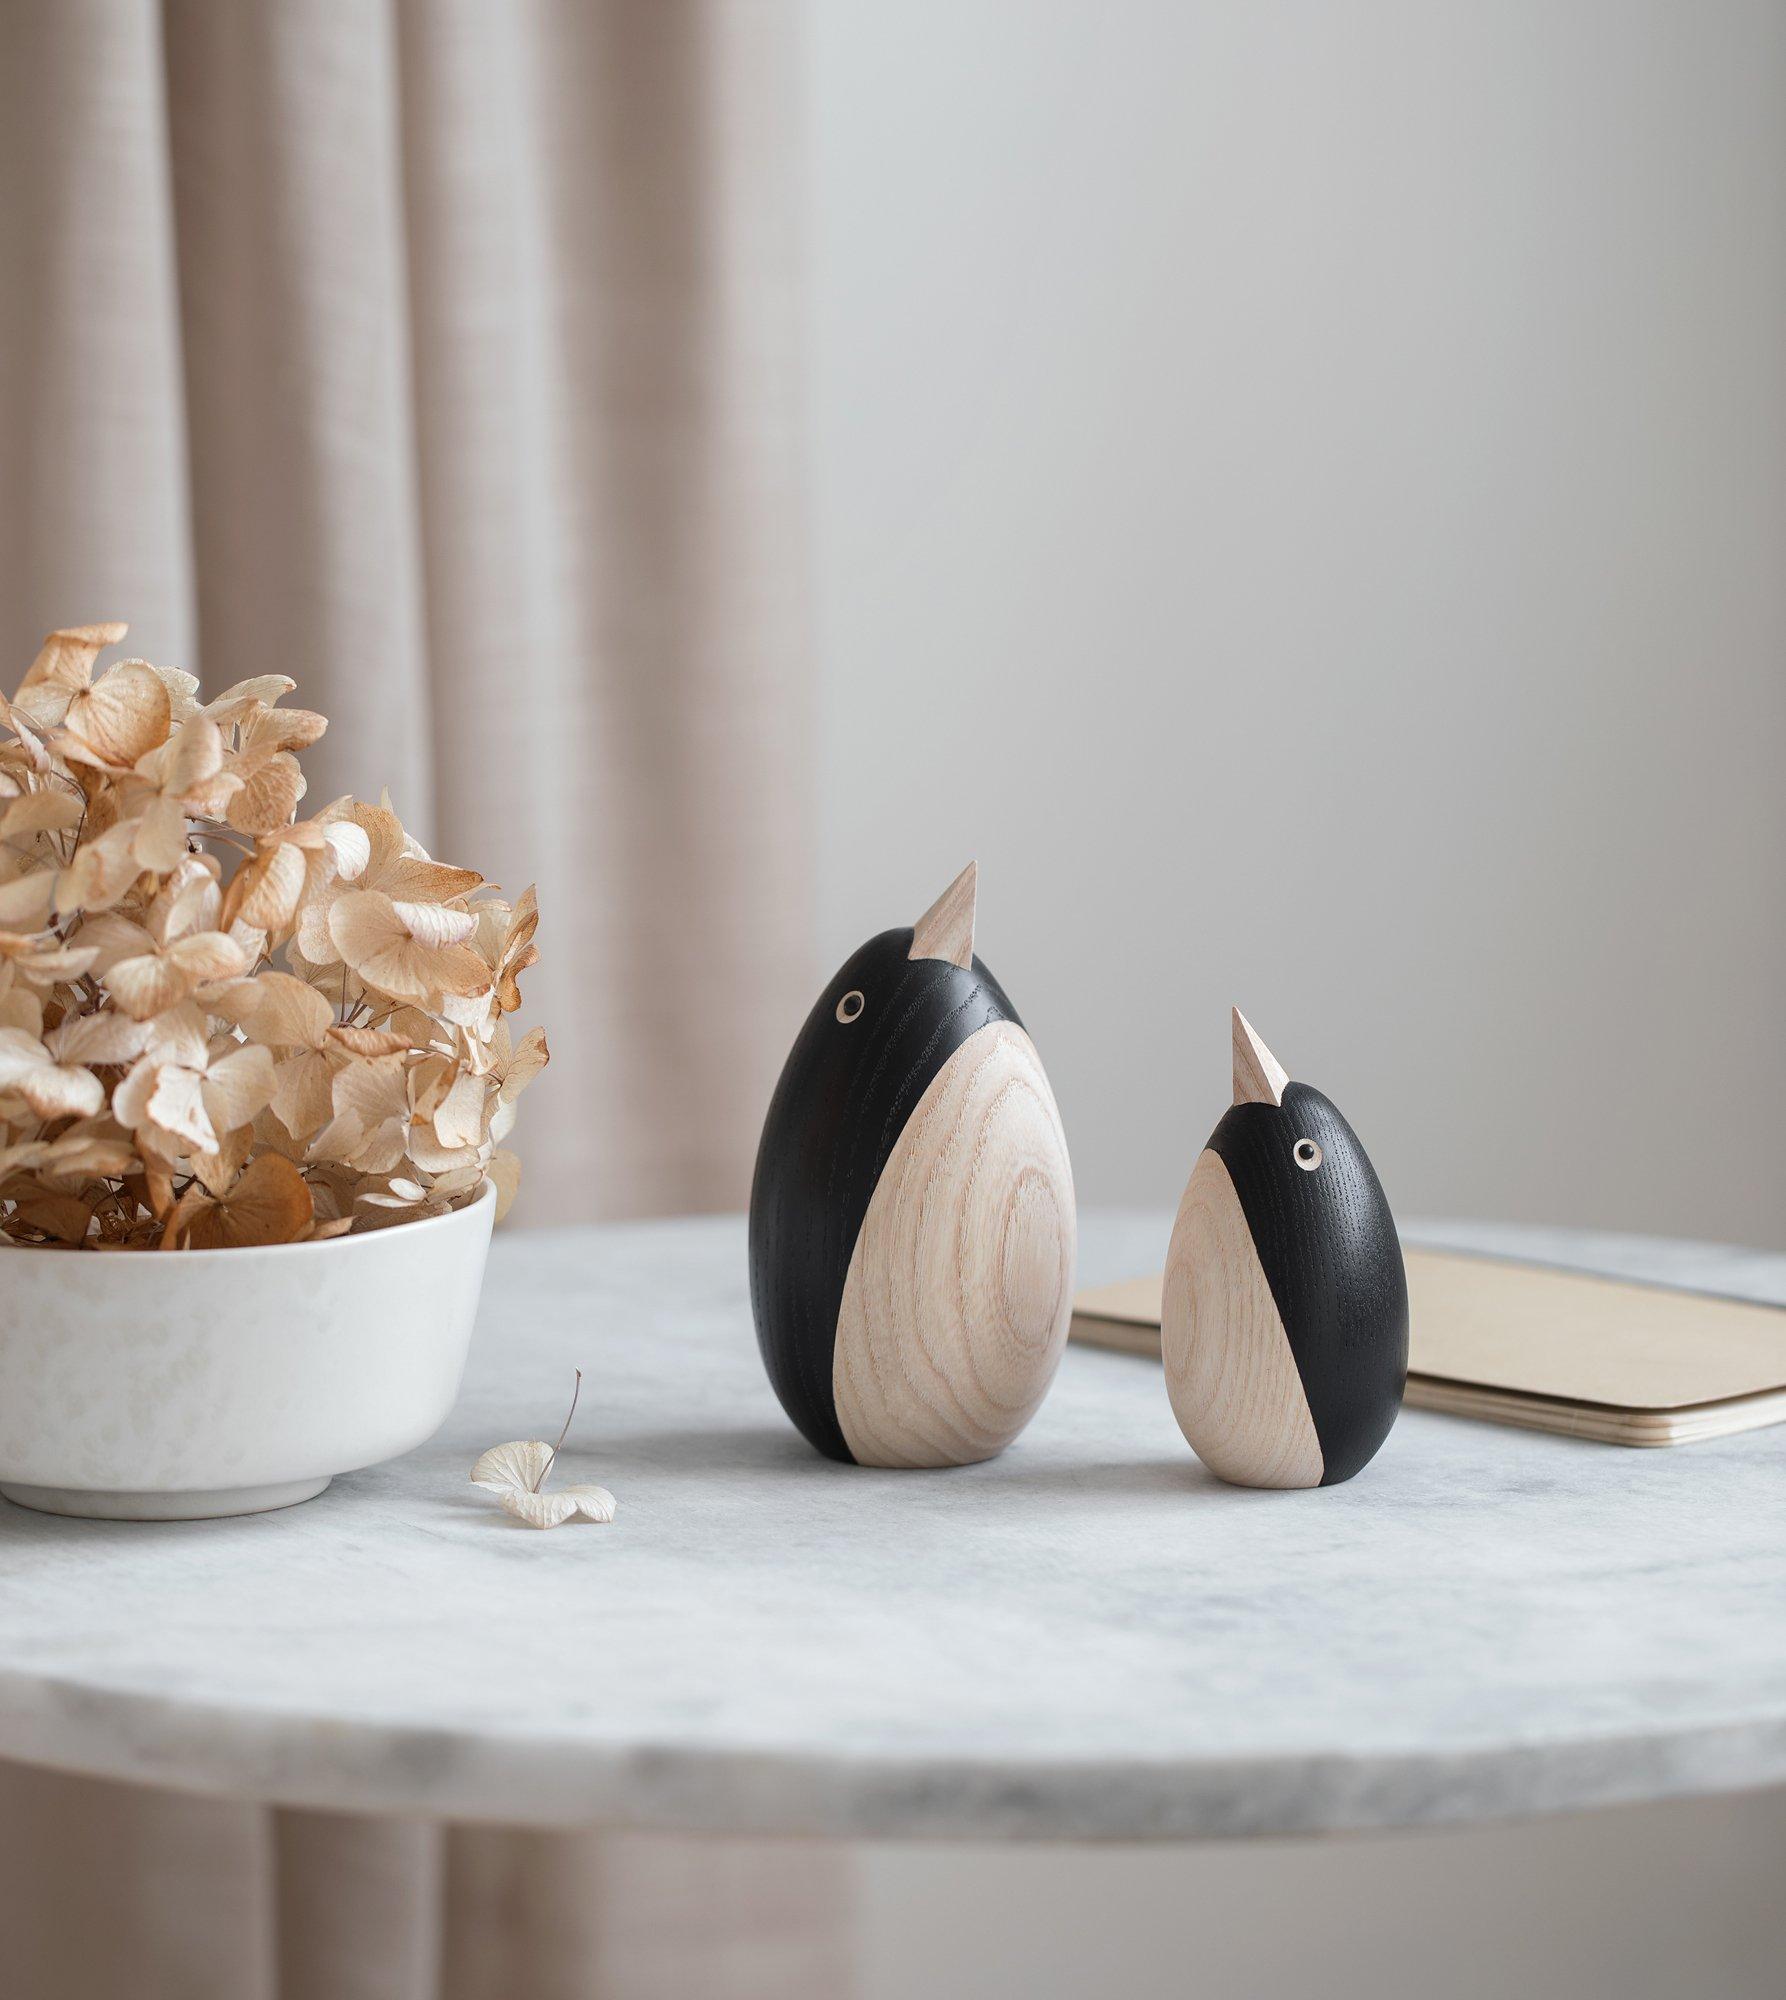 Novoform - Pinguins van hout